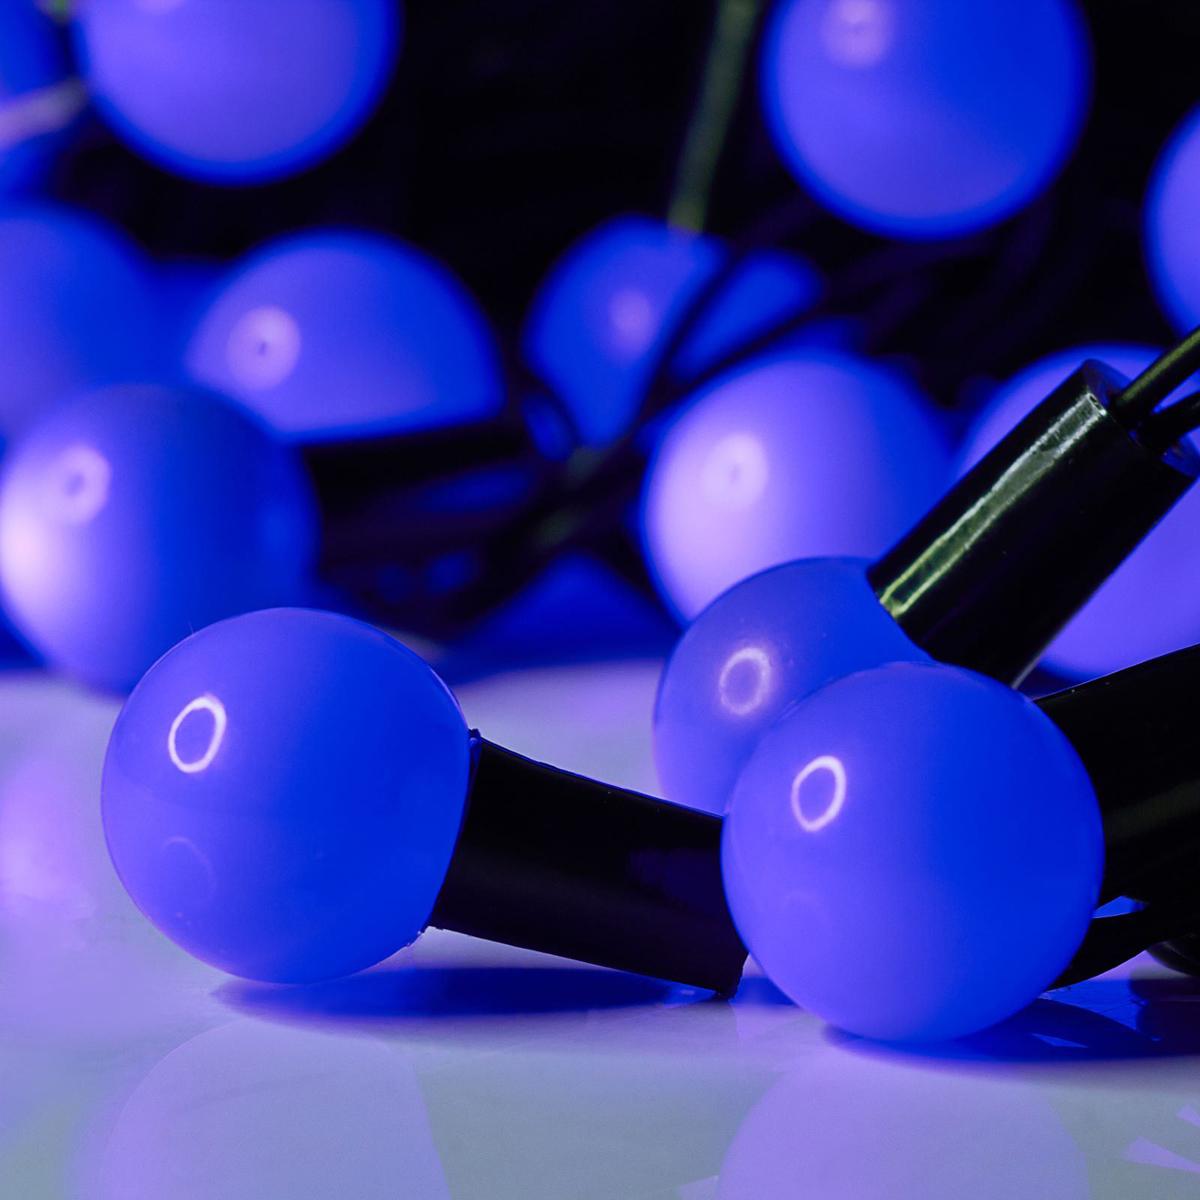 Гирлянда светодиодная Luazon Метраж. Шарики большие, уличная с насадкой, 8 режимов, 50 ламп, 220 V, 6 м, цвет: фиолетовый. 185537185537Светодиодные гирлянды, ленты и т.д. — это отличный вариант для новогоднего оформления интерьера или фасада. С их помощью помещение любого размера можно превратить в праздничный зал, а внешние элементы зданий, украшенные ими, мгновенно станут напоминать очертания сказочного дворца. Такие украшения создают ауру предвкушения чуда. Деревья, фасады, витрины, окна и арки будто специально созданы, чтобы вы украсили их светящимися нитями.